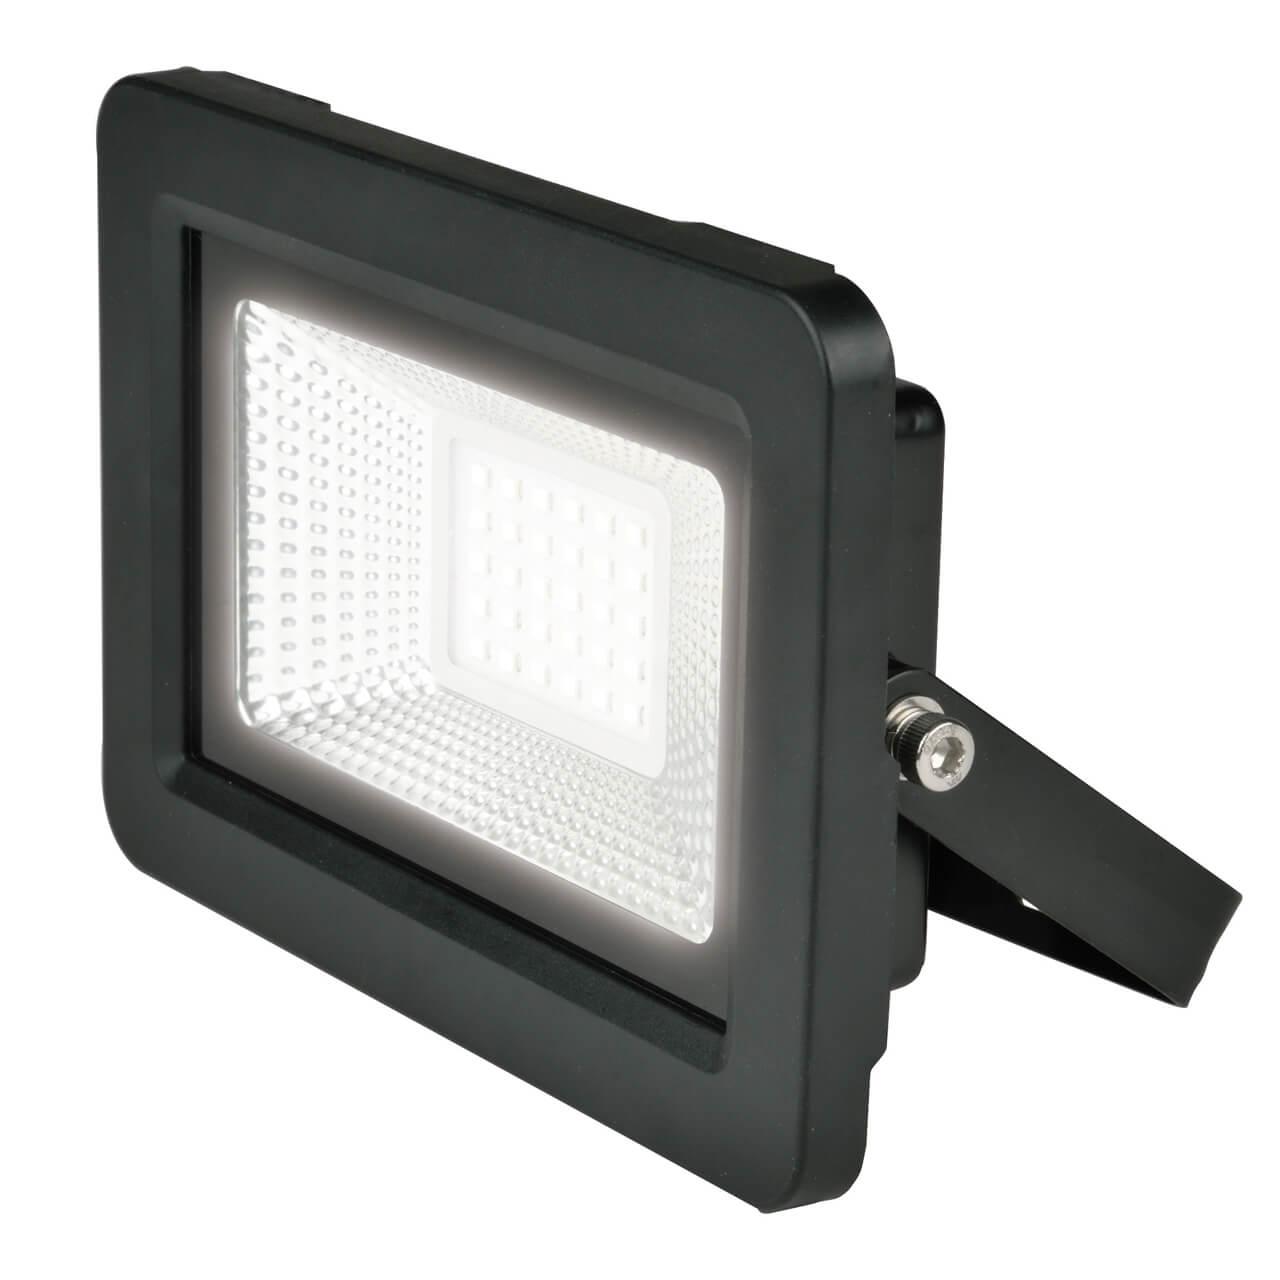 Прожектор Uniel ULF-F19-30W/4000K IP65 175-250В Black ULF-F19 трековый светодиодный светильник donolux dl18931 30w b 4000k